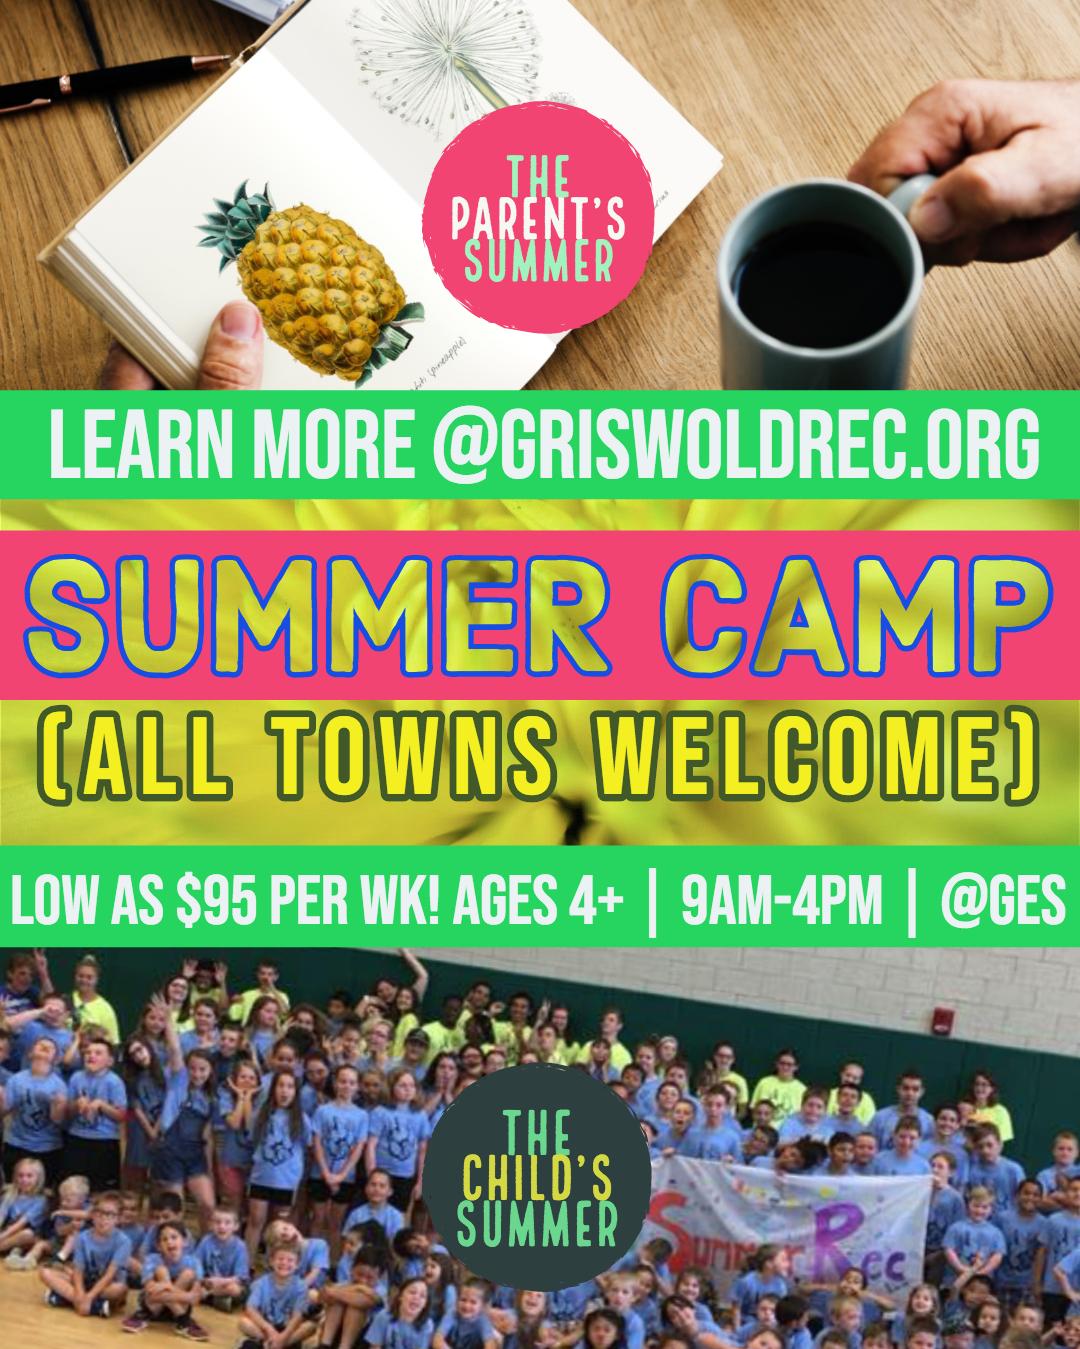 https://0201.nccdn.net/4_2/000/000/056/7dc/Summer-Camp-Promo---a-parents-summer.jpg